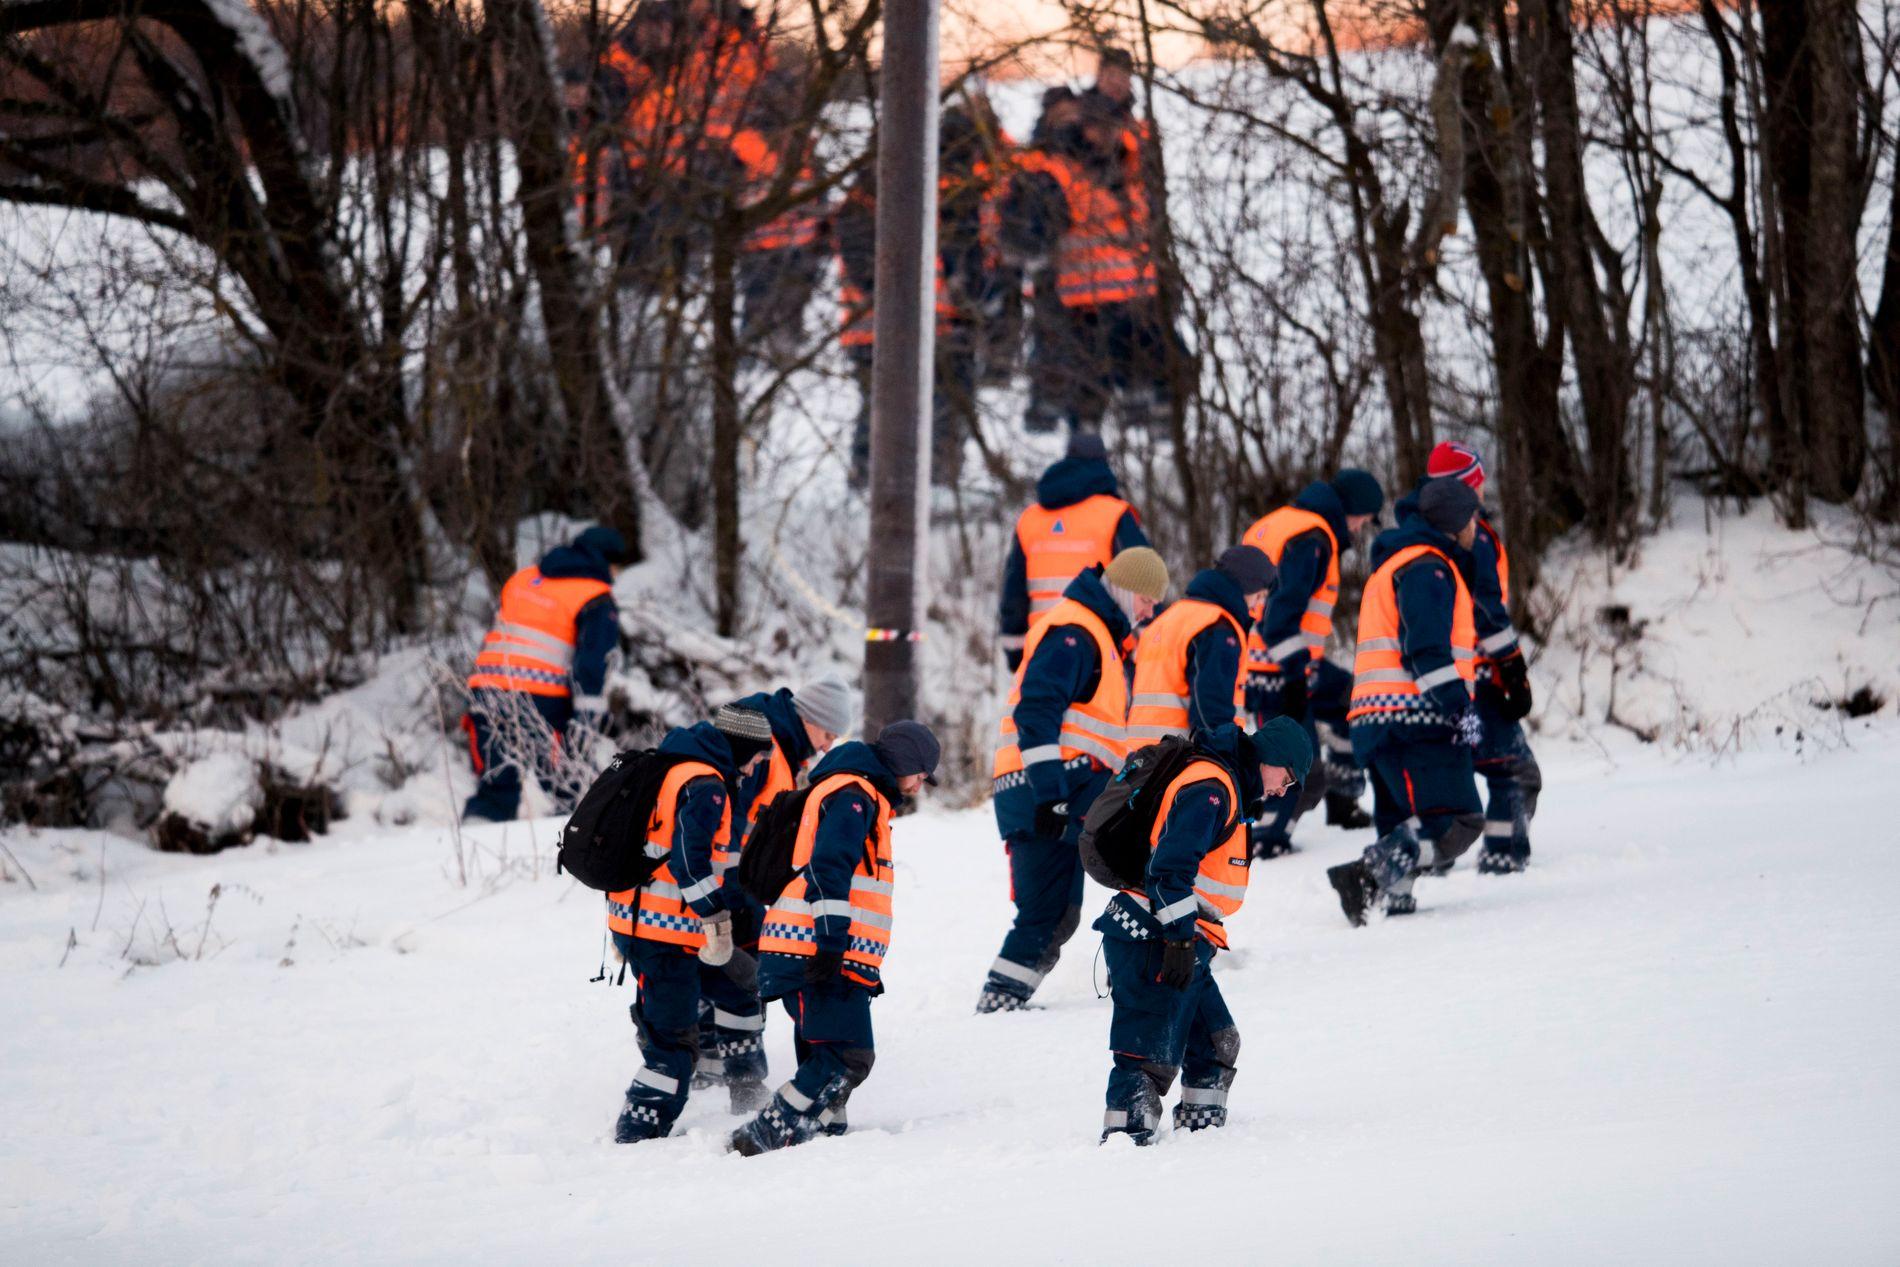 LETEAKSJON: Mannskap fra Sivilforsvaret bidro i januar i leteaskjonen etter  Janne Jemtland i Brumunddal.